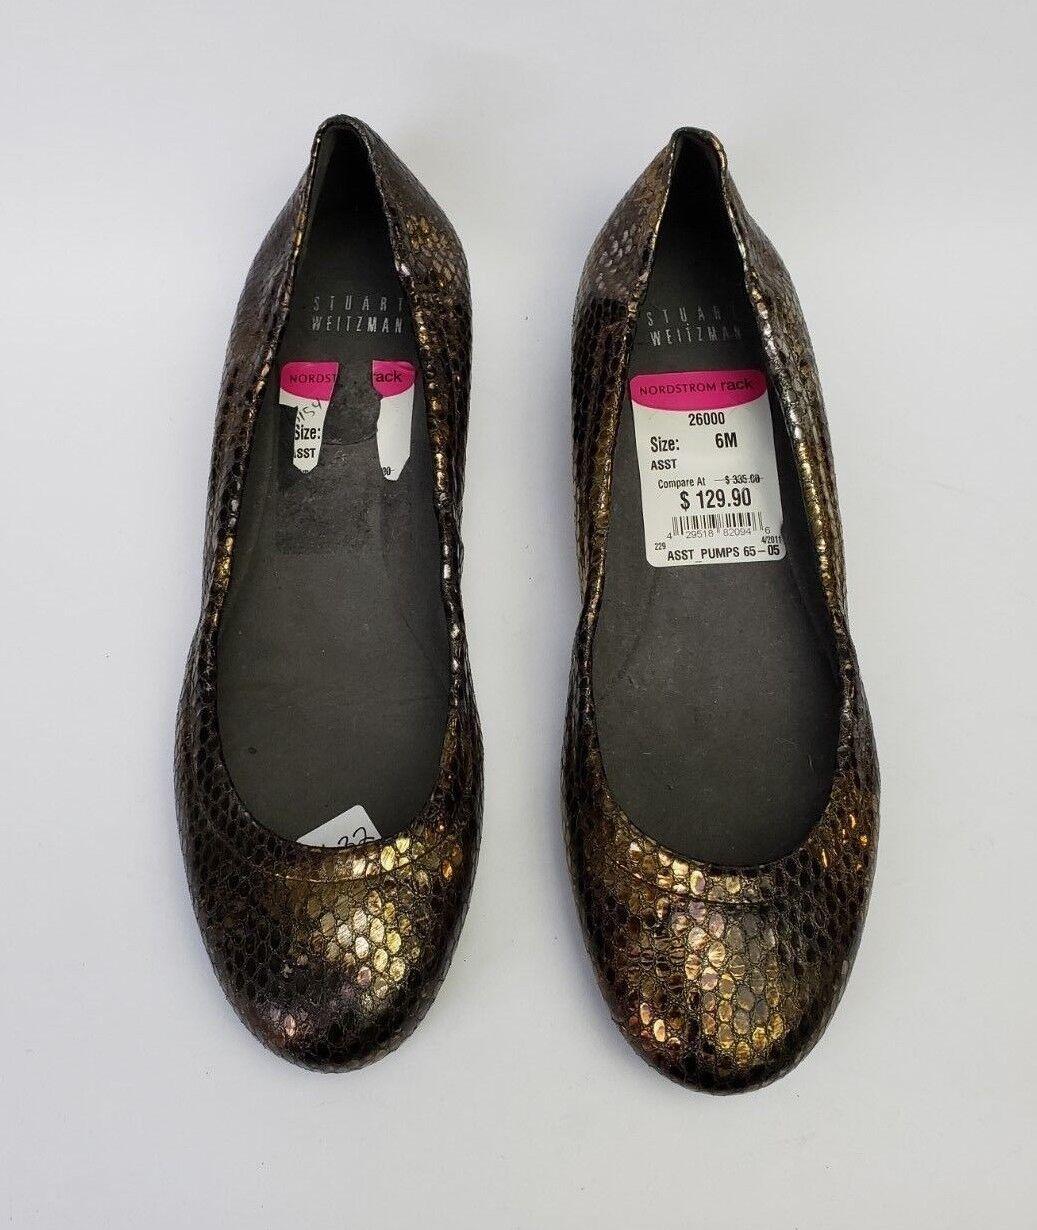 Stuart Weitzman Schuhes Flats Ballet Bronze Gold Spain Damenschuhe Damenschuhe Damenschuhe Größe 6 M f5dee6